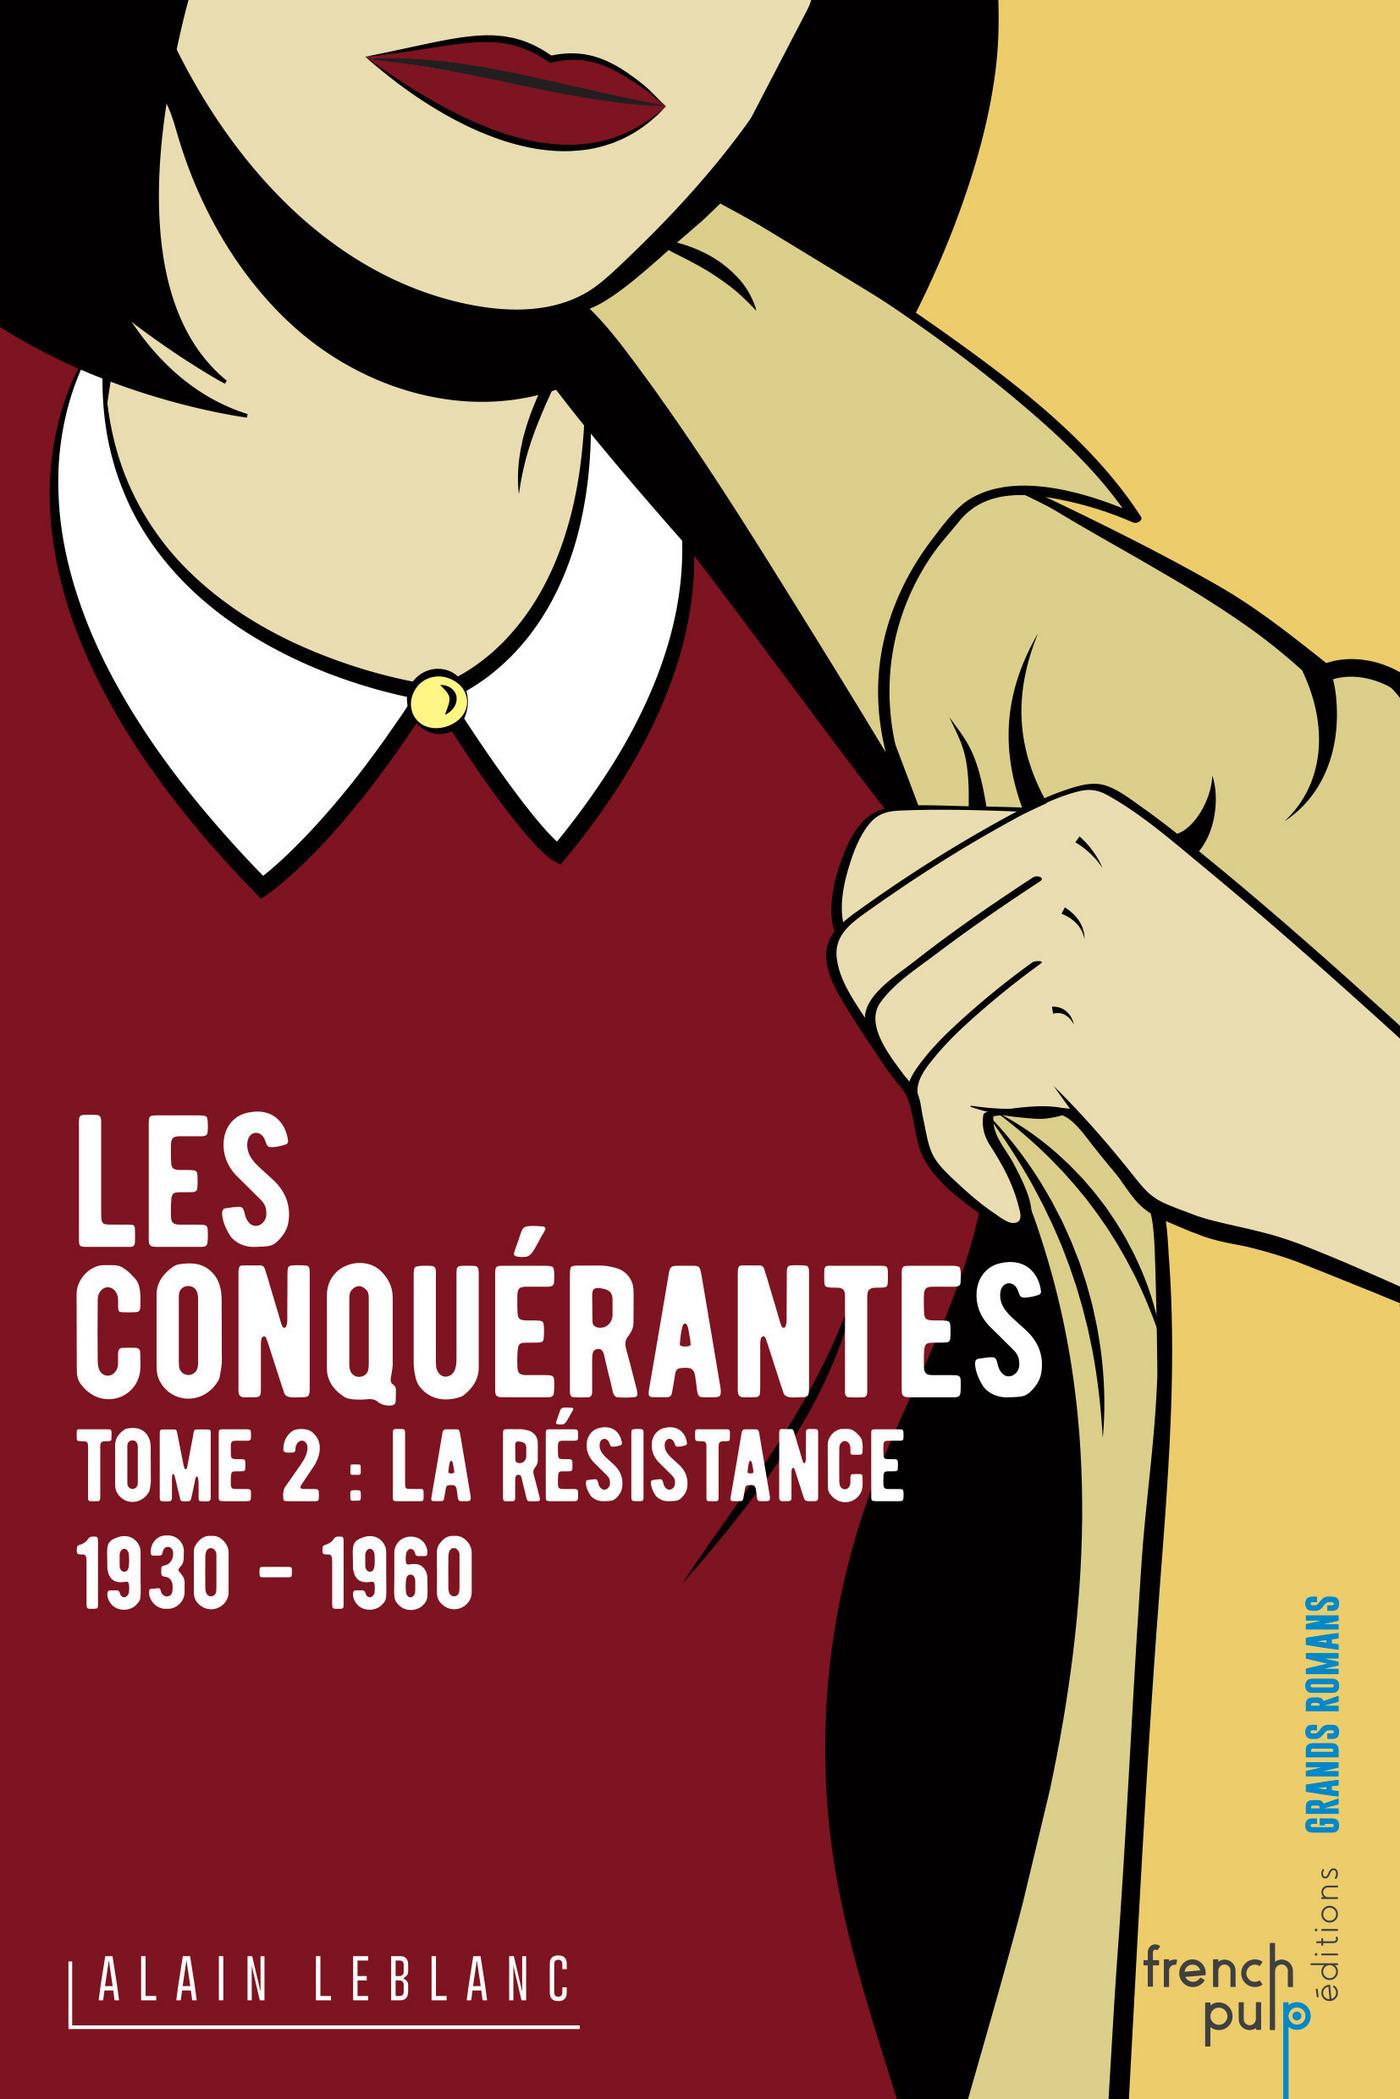 Les Conquérantes - tome 2 La Résistance (1930-1960)